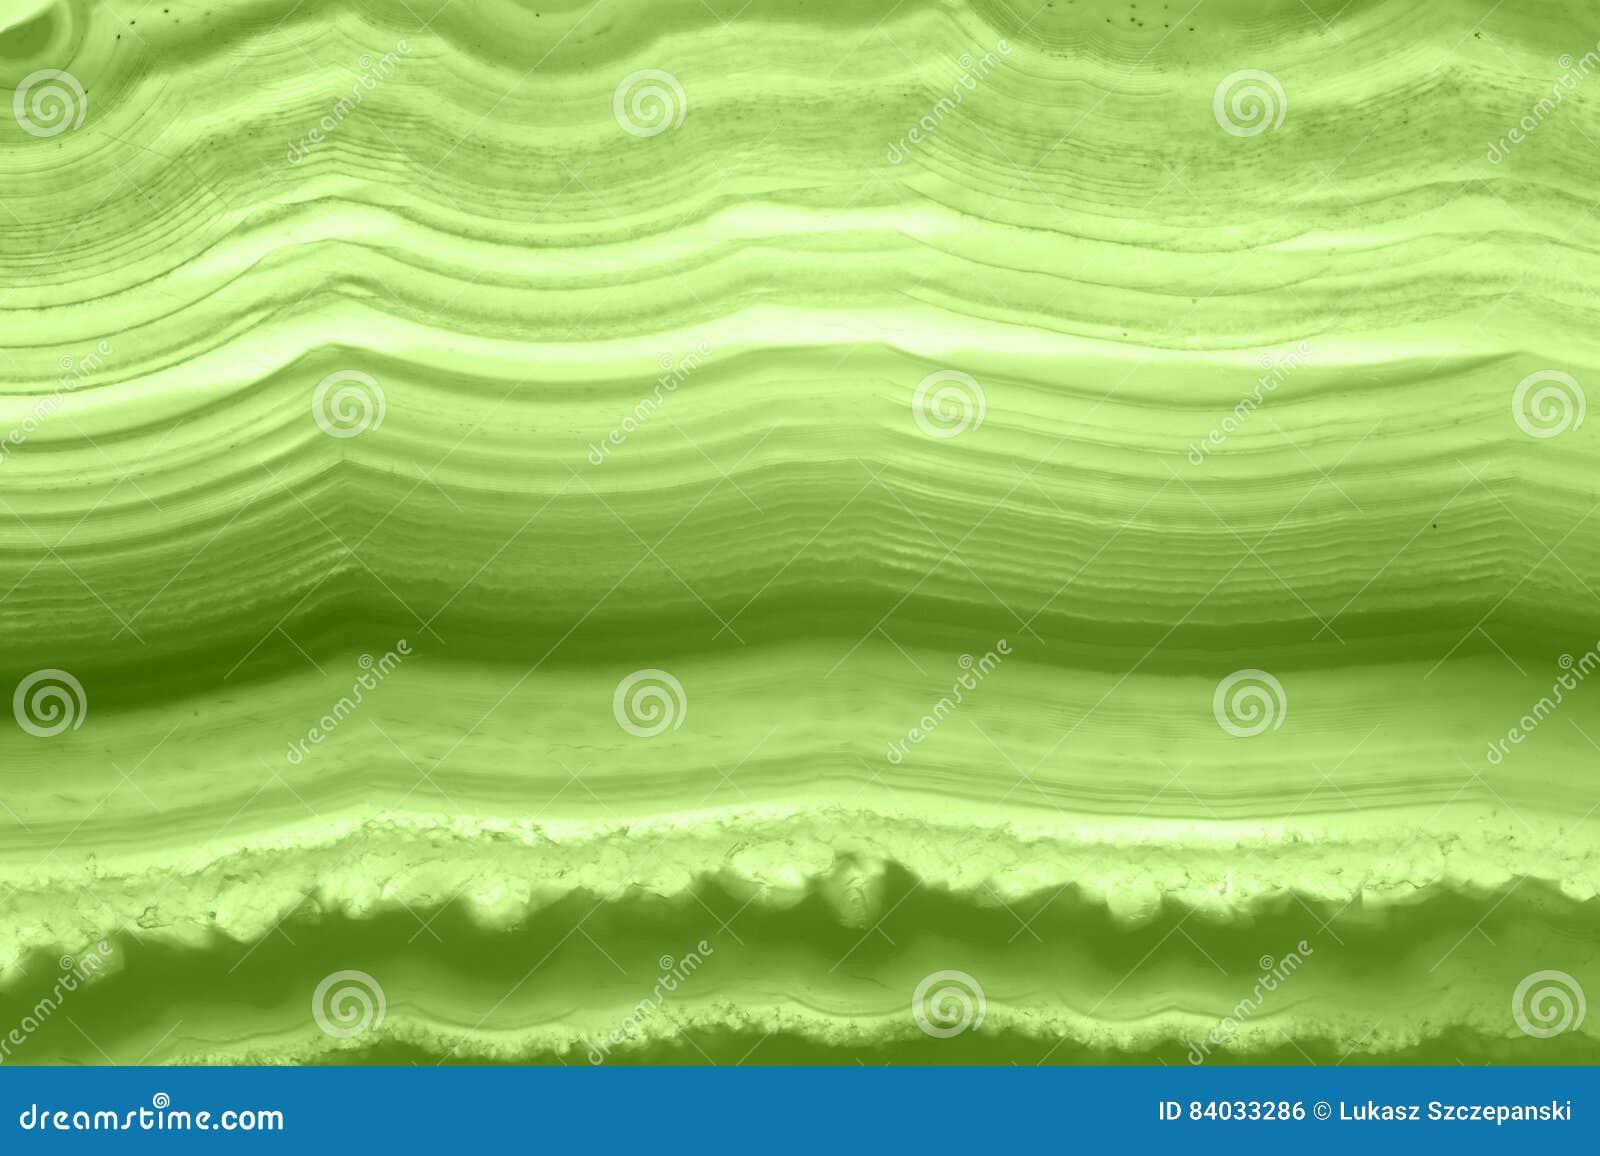 Fondo astratto - pianta minerale di macro PANTONE della fetta verde dell agata